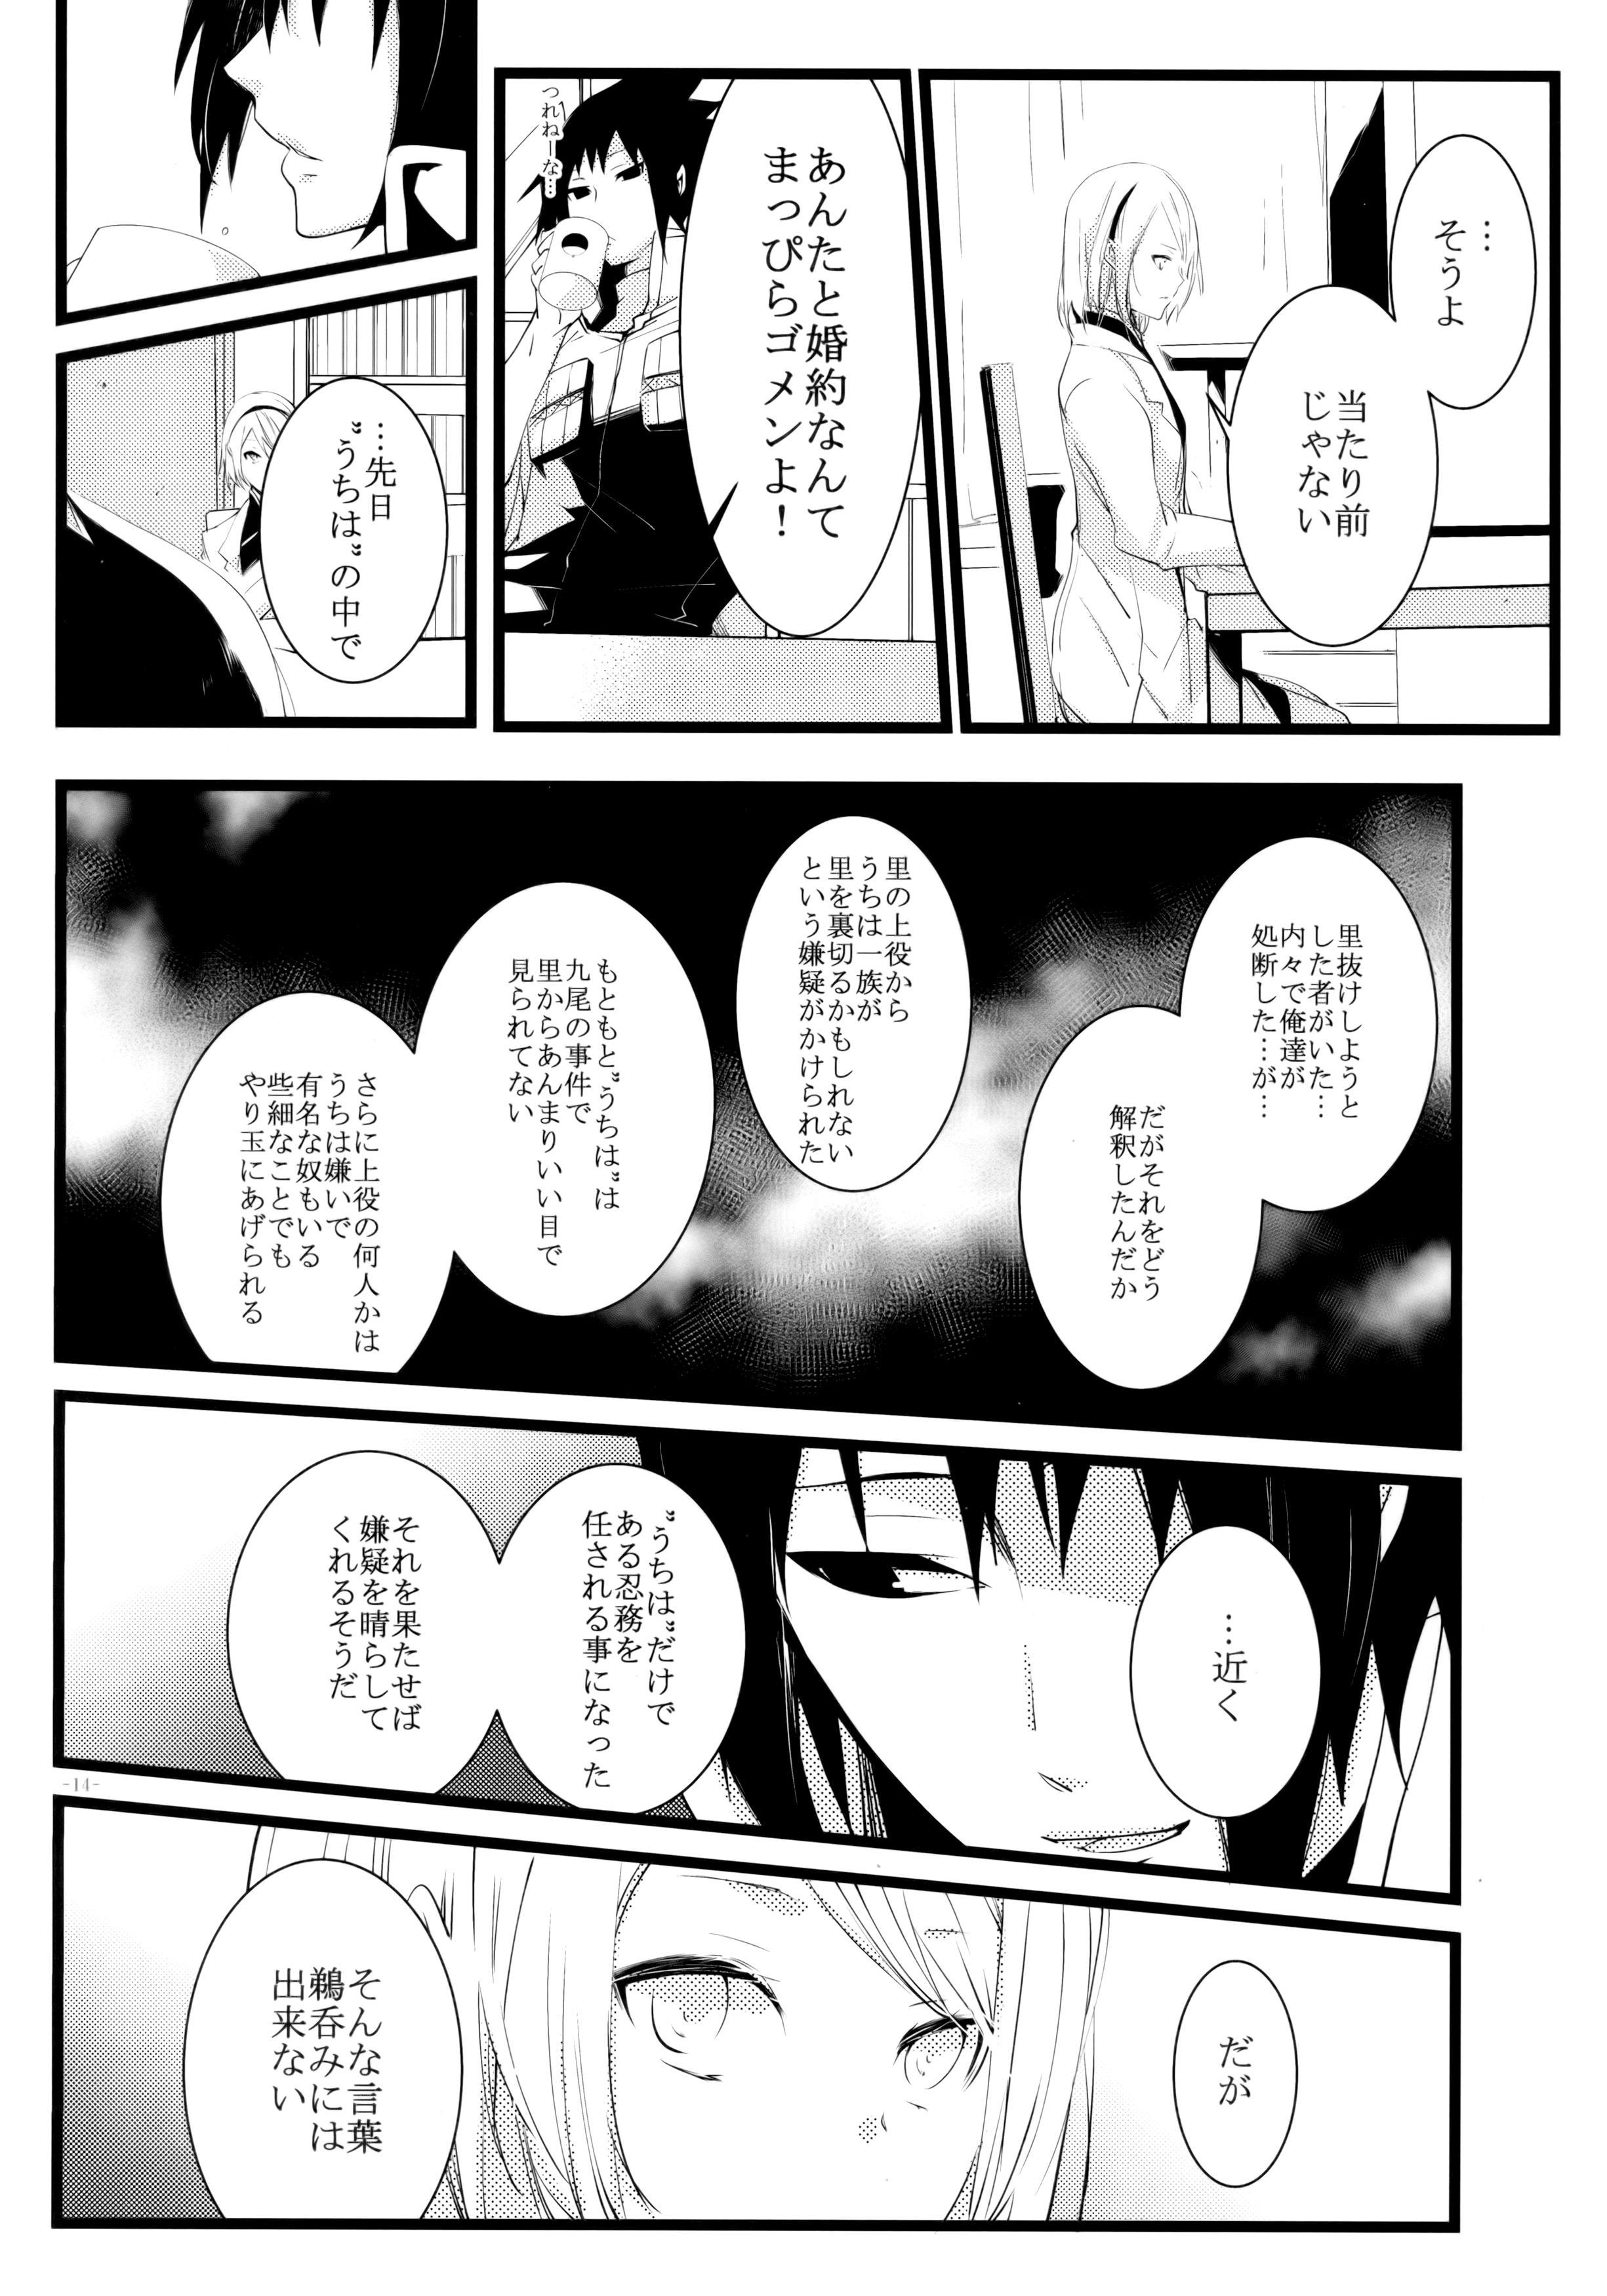 Haitoku no Kusabi 14